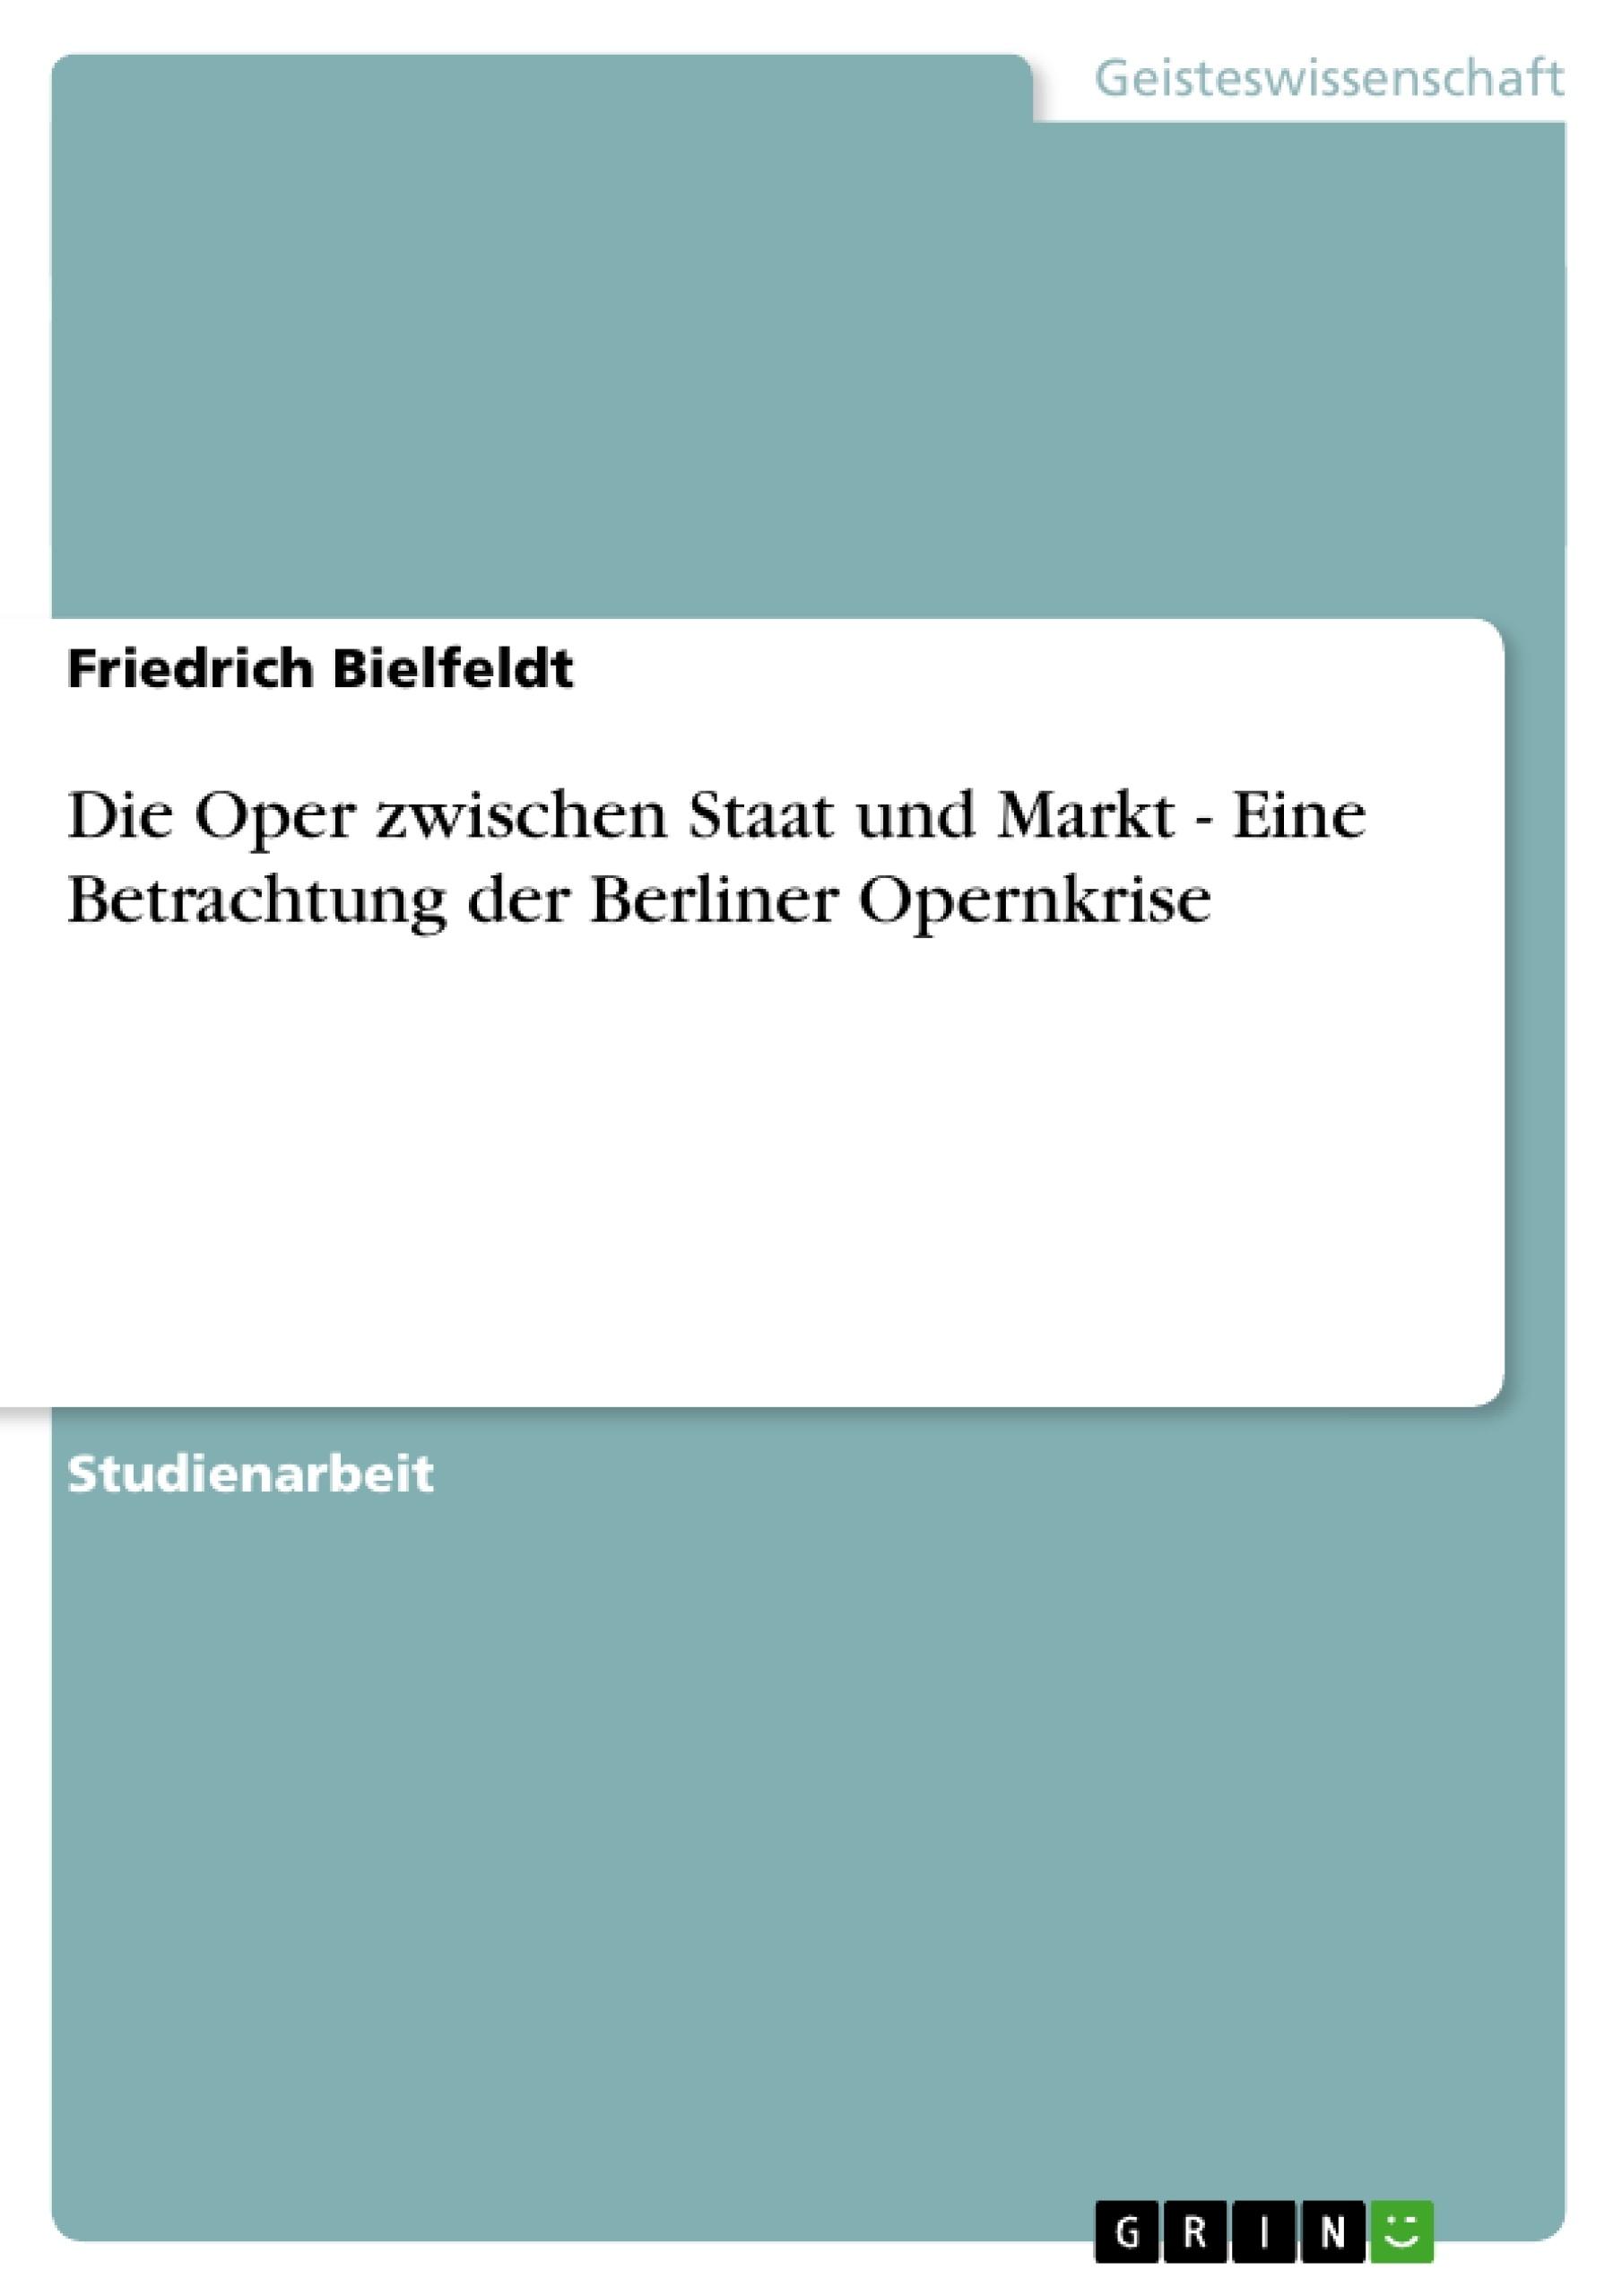 Titel: Die Oper zwischen Staat und Markt - Eine Betrachtung der Berliner Opernkrise